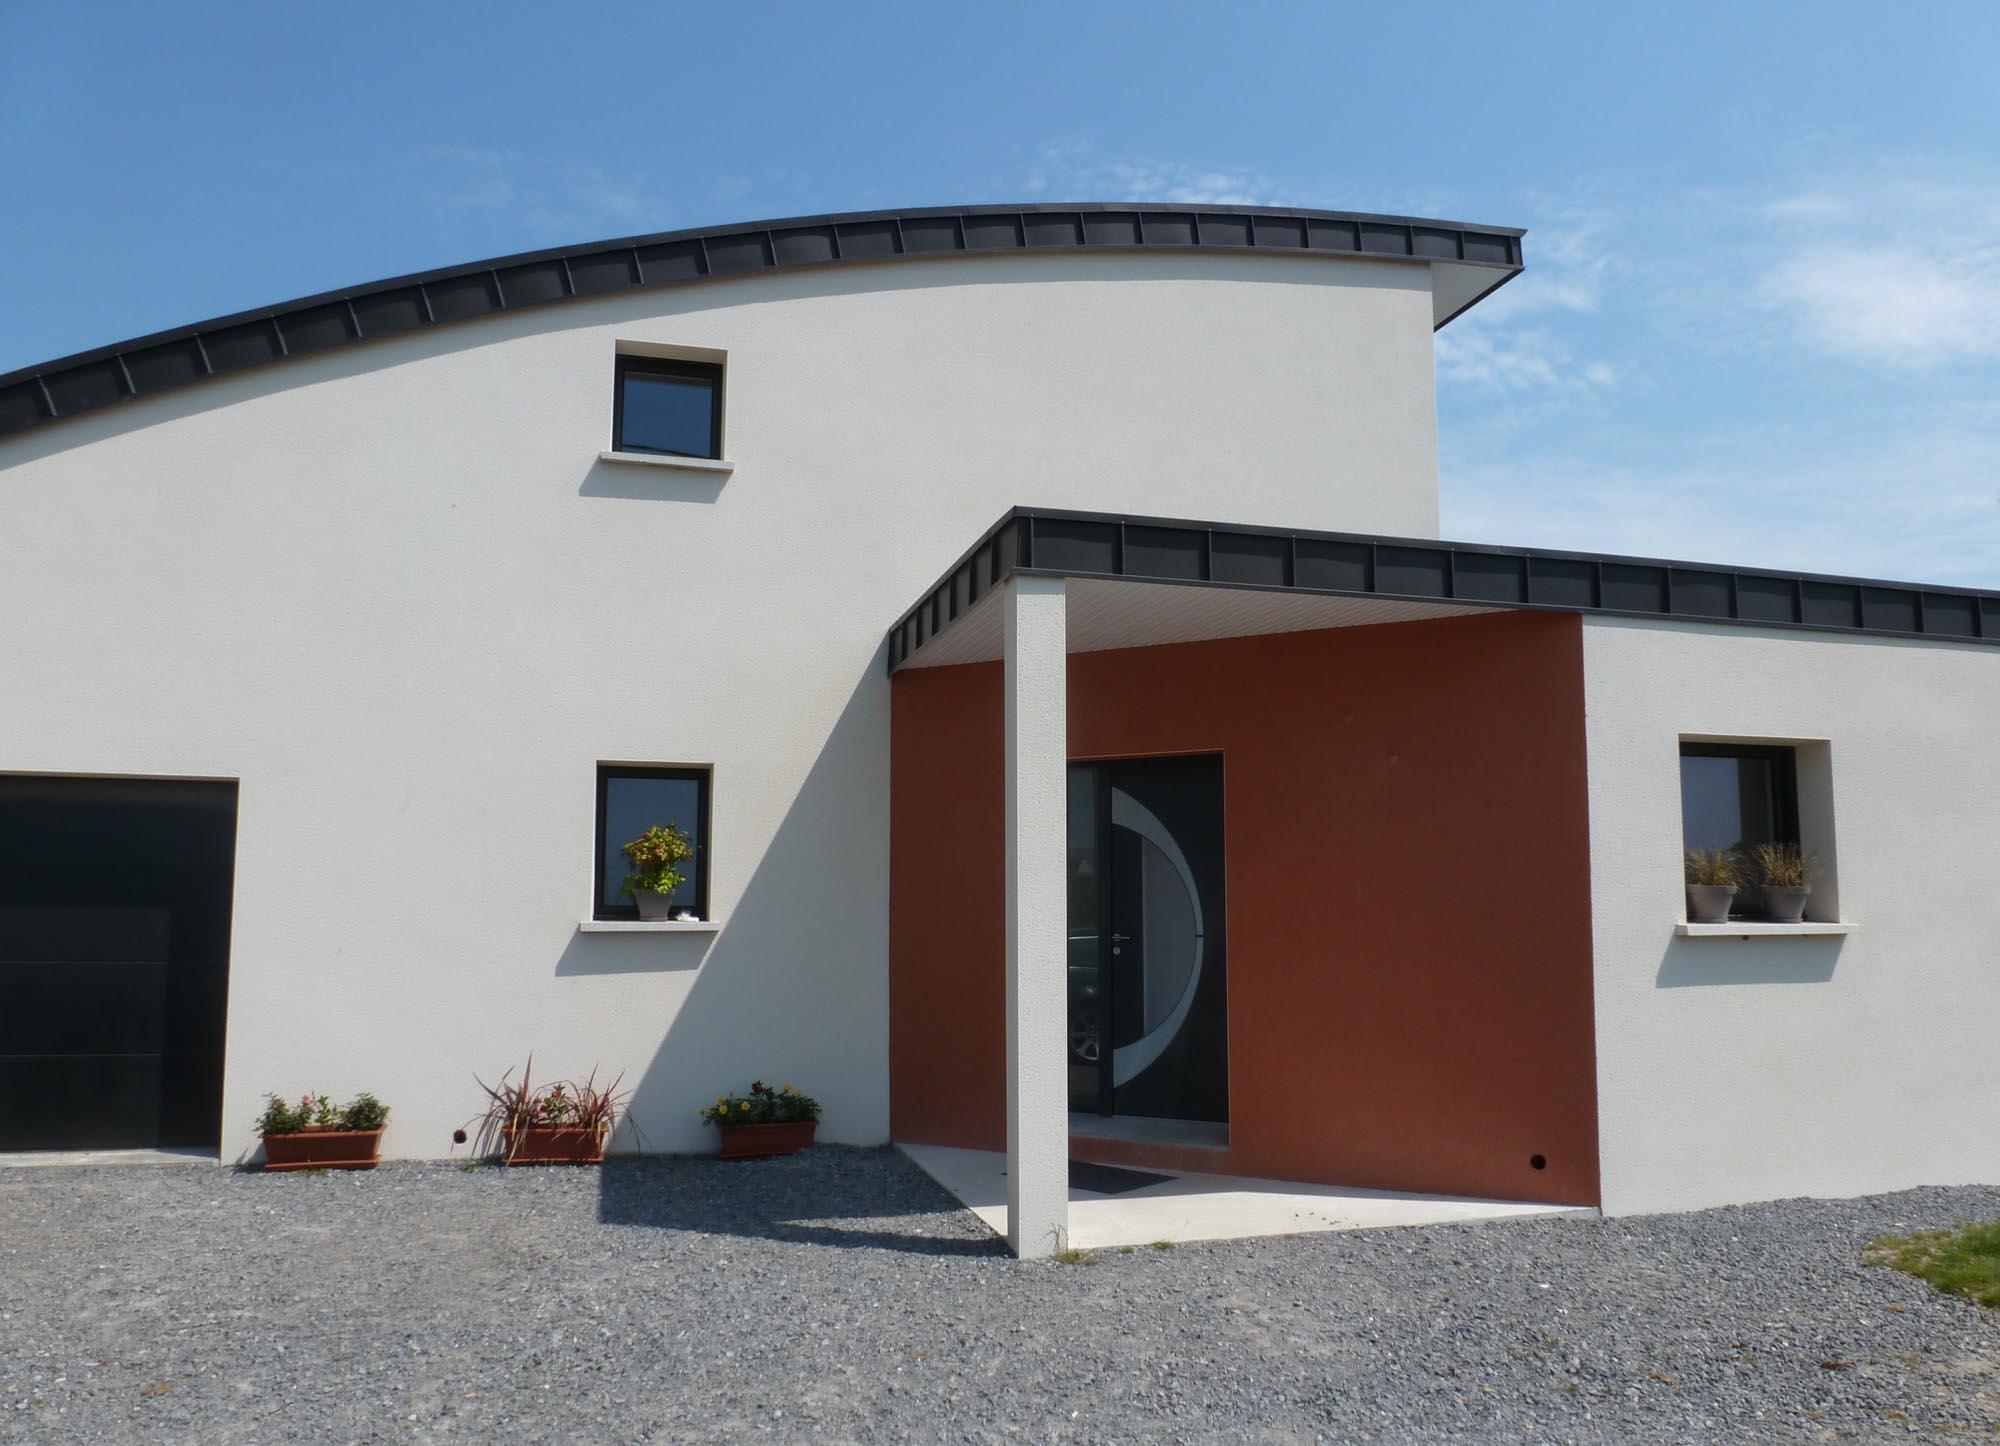 habitation le guerno couedel design herve couedel architecte d 39 interieur muzillac et sarzeau. Black Bedroom Furniture Sets. Home Design Ideas